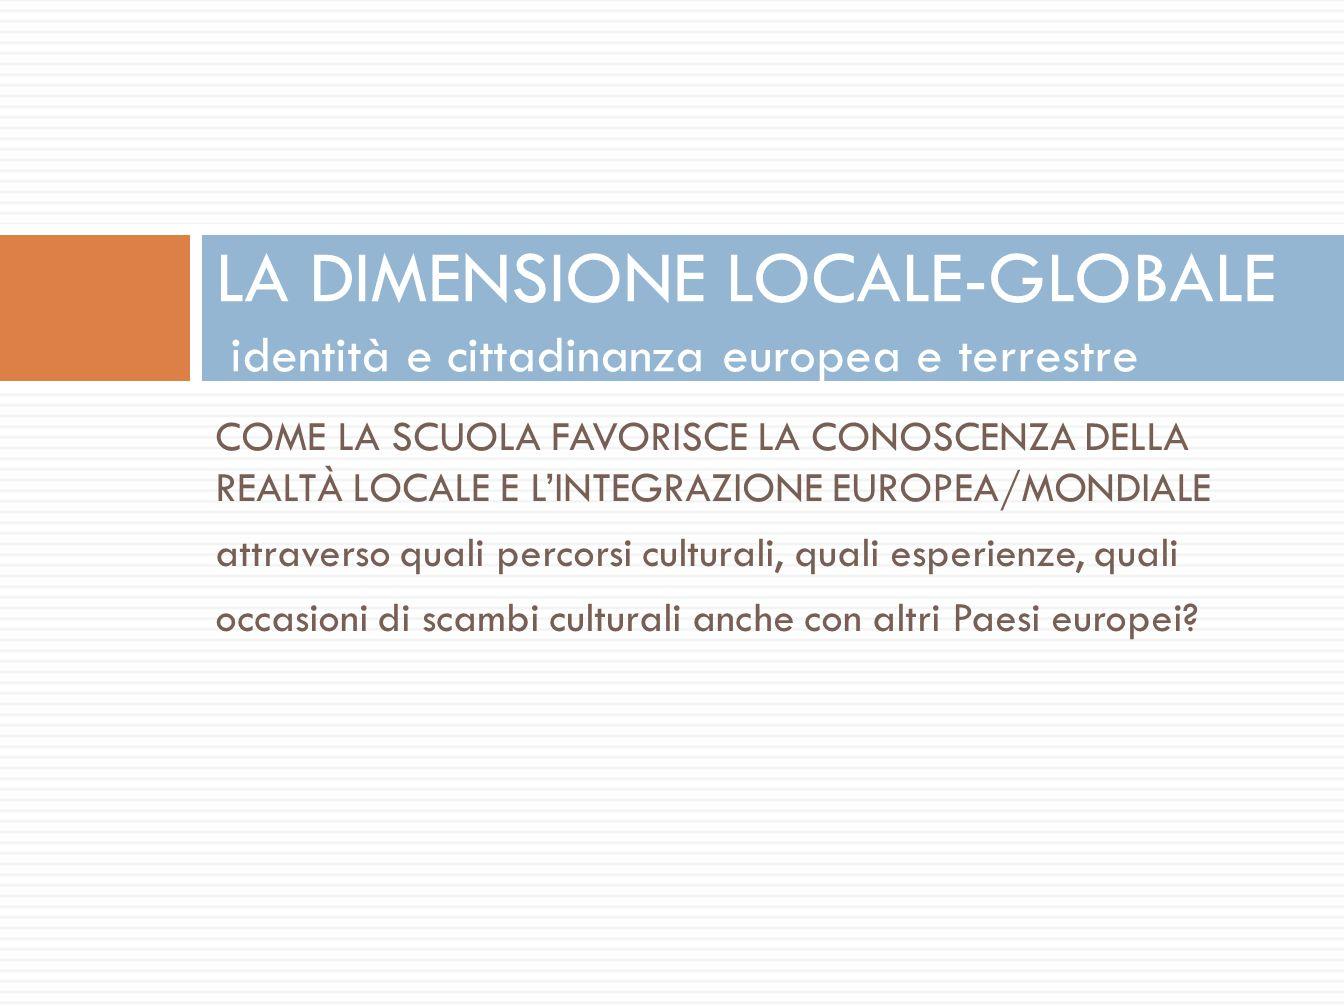 COME LA SCUOLA FAVORISCE LA CONOSCENZA DELLA REALTÀ LOCALE E L'INTEGRAZIONE EUROPEA/MONDIALE attraverso quali percorsi culturali, quali esperienze, quali occasioni di scambi culturali anche con altri Paesi europei.